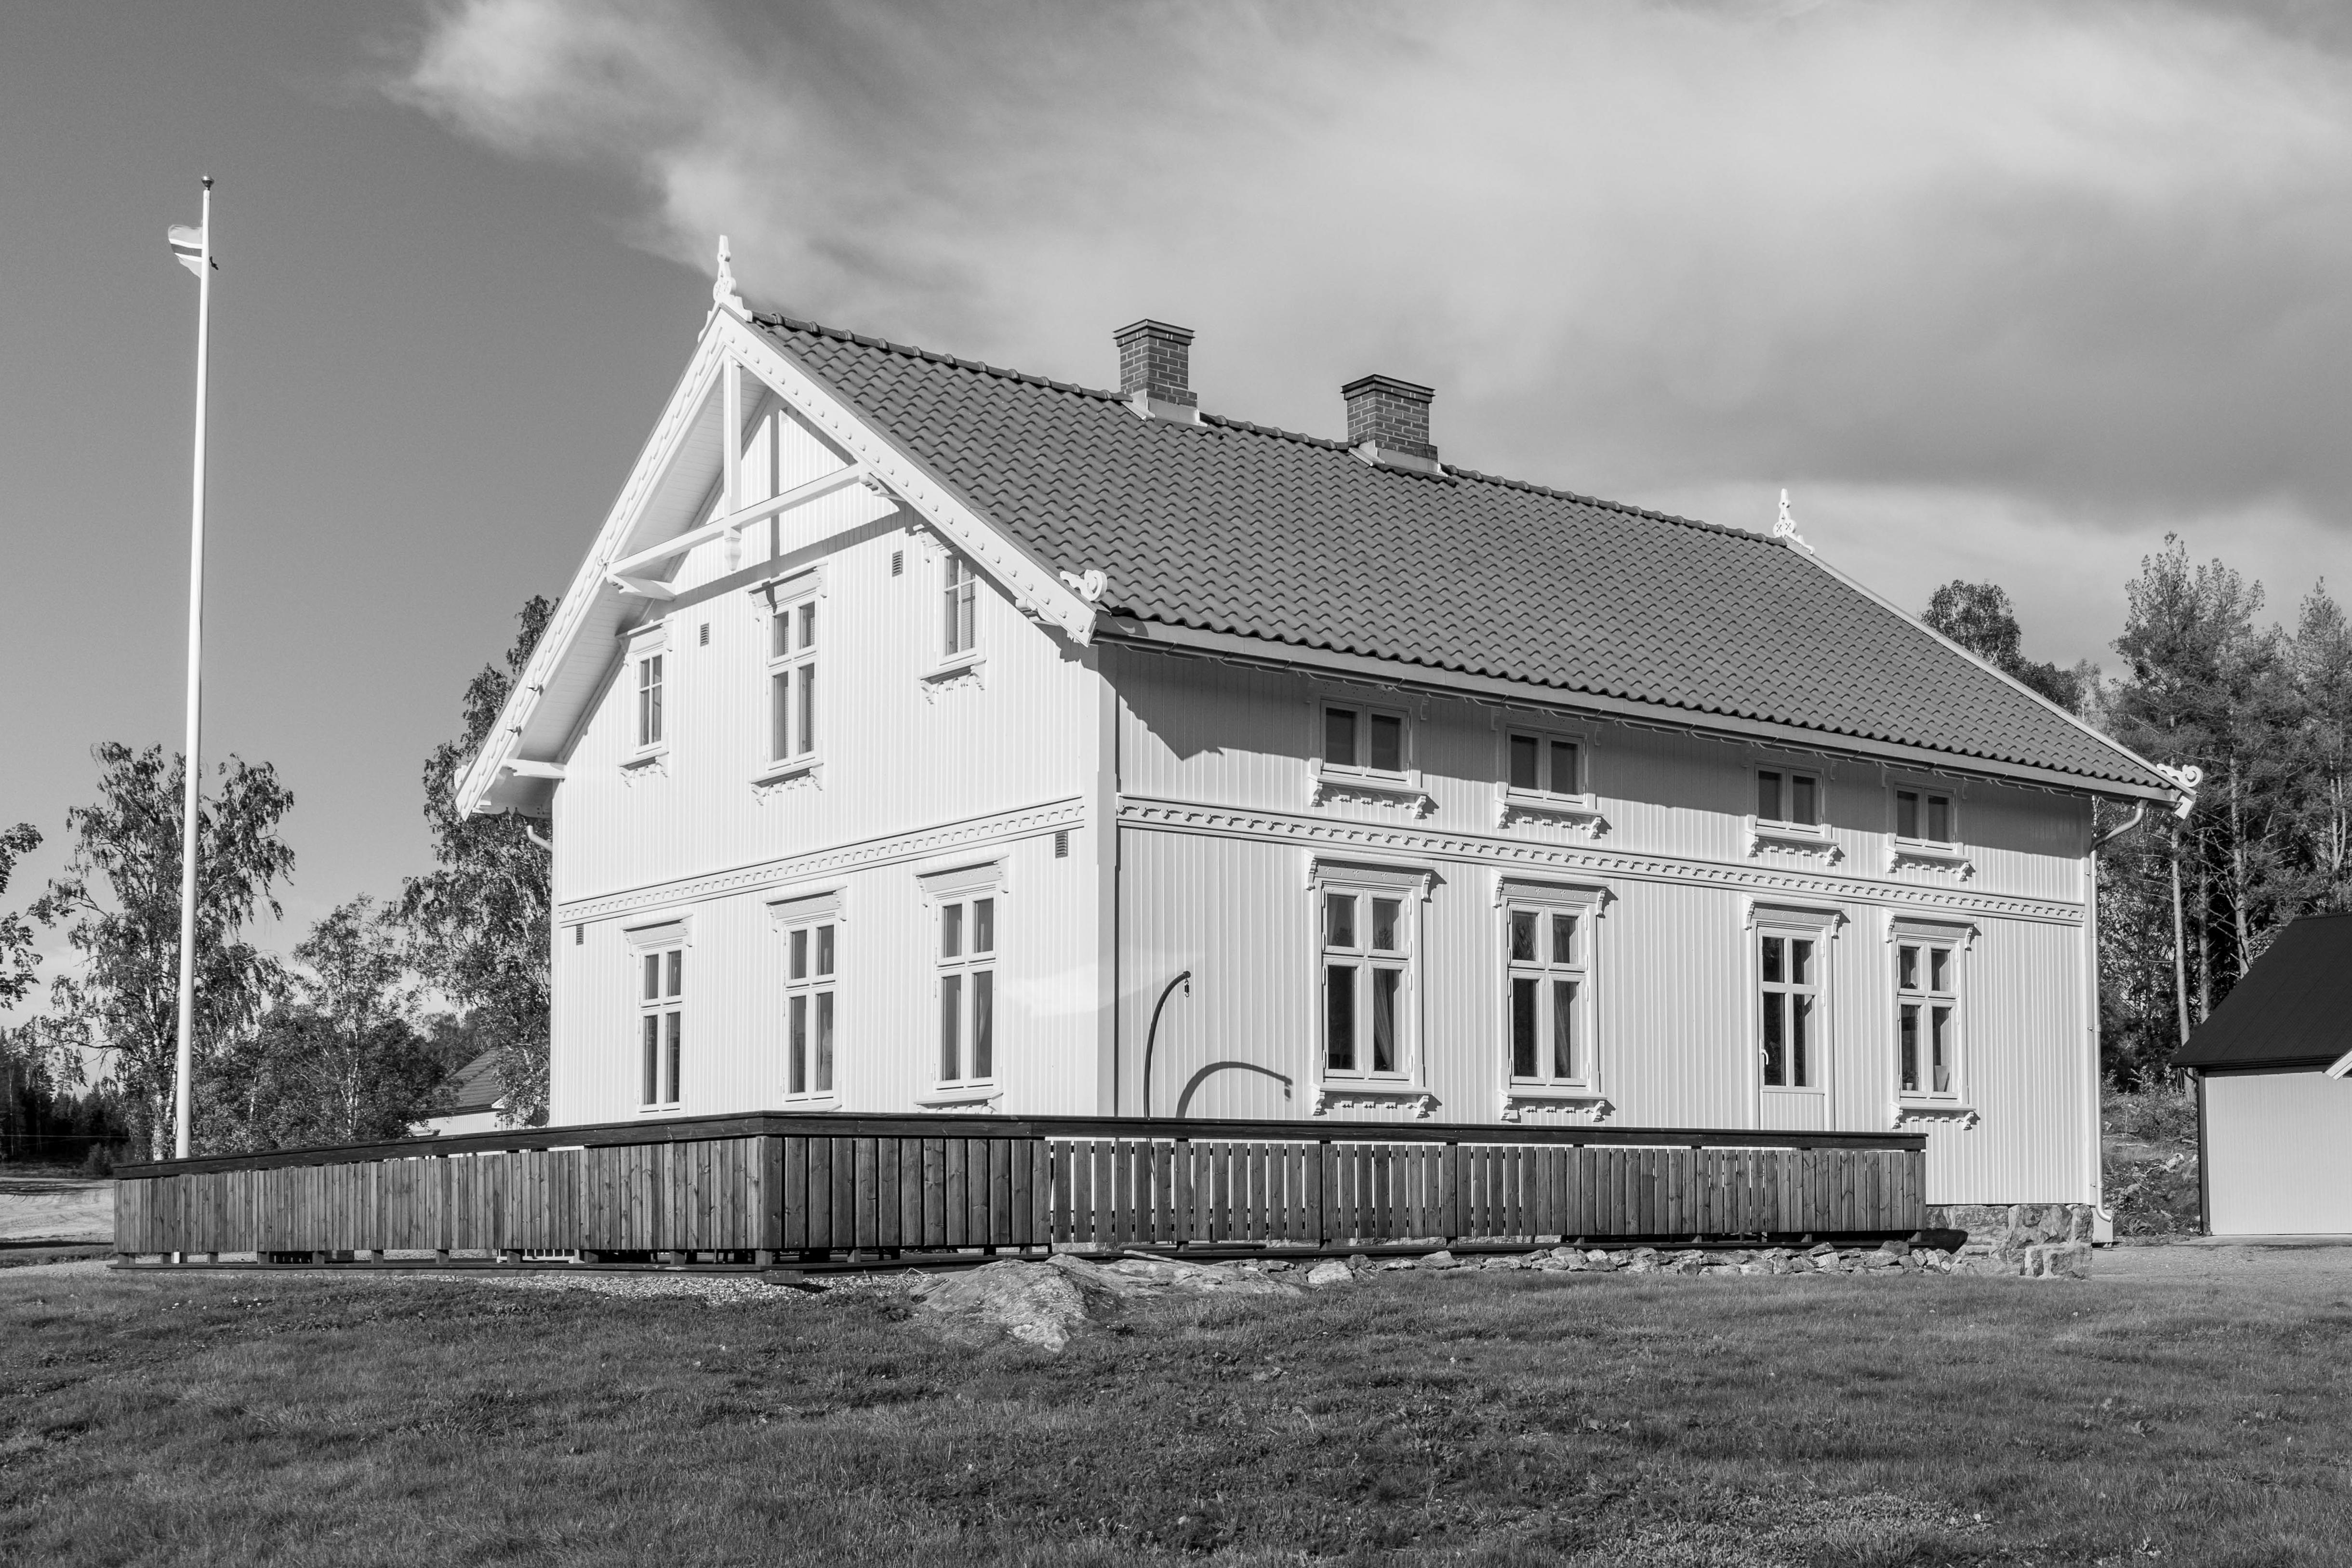 Byggmester Jens Frone-4011-2.jpg